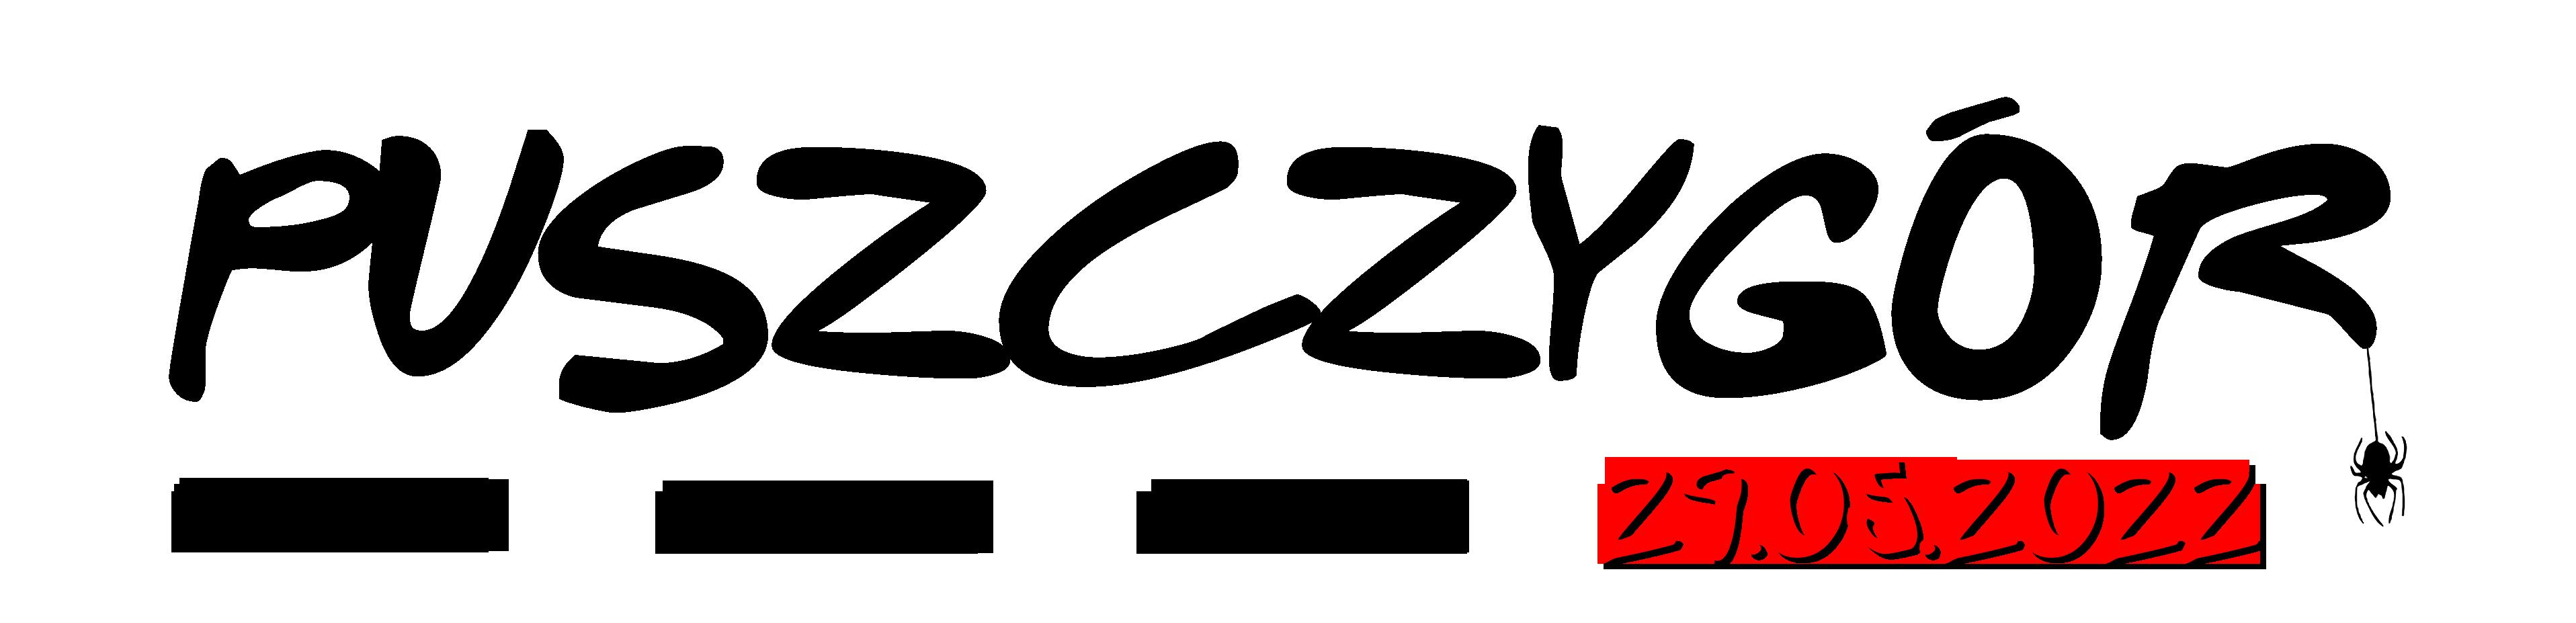 PUSZCZYGÓR - Bieg ultramaratoński szlakami Puszczy Bukowej